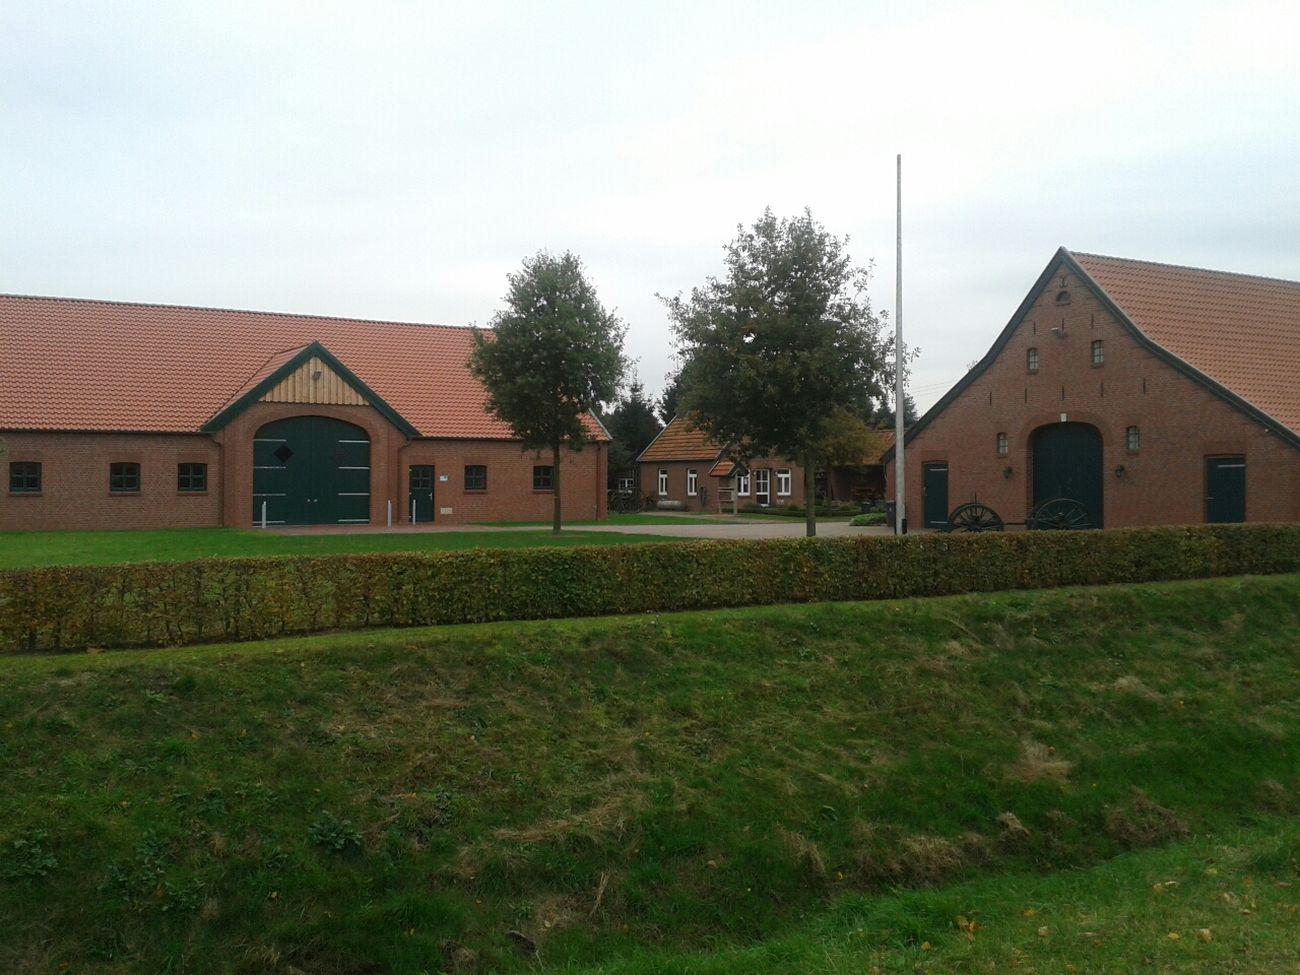 Hof des Heimatvereins Altenberge in Haren_Ems